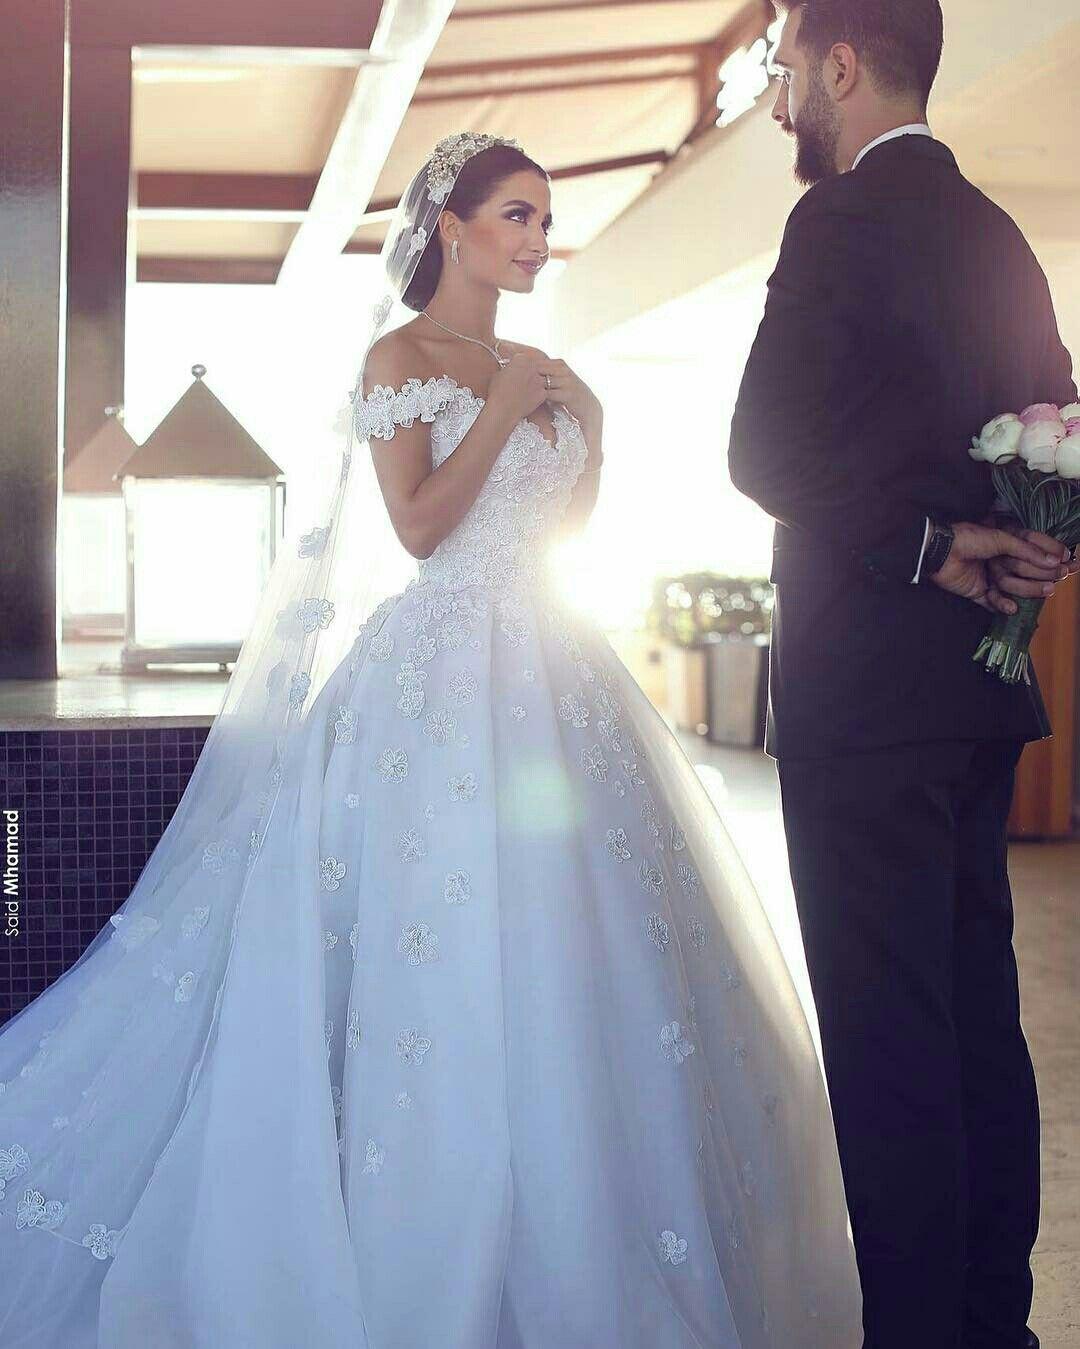 Pin de Megan Wood en White Hot! | Pinterest | Vestidos de novia, De ...